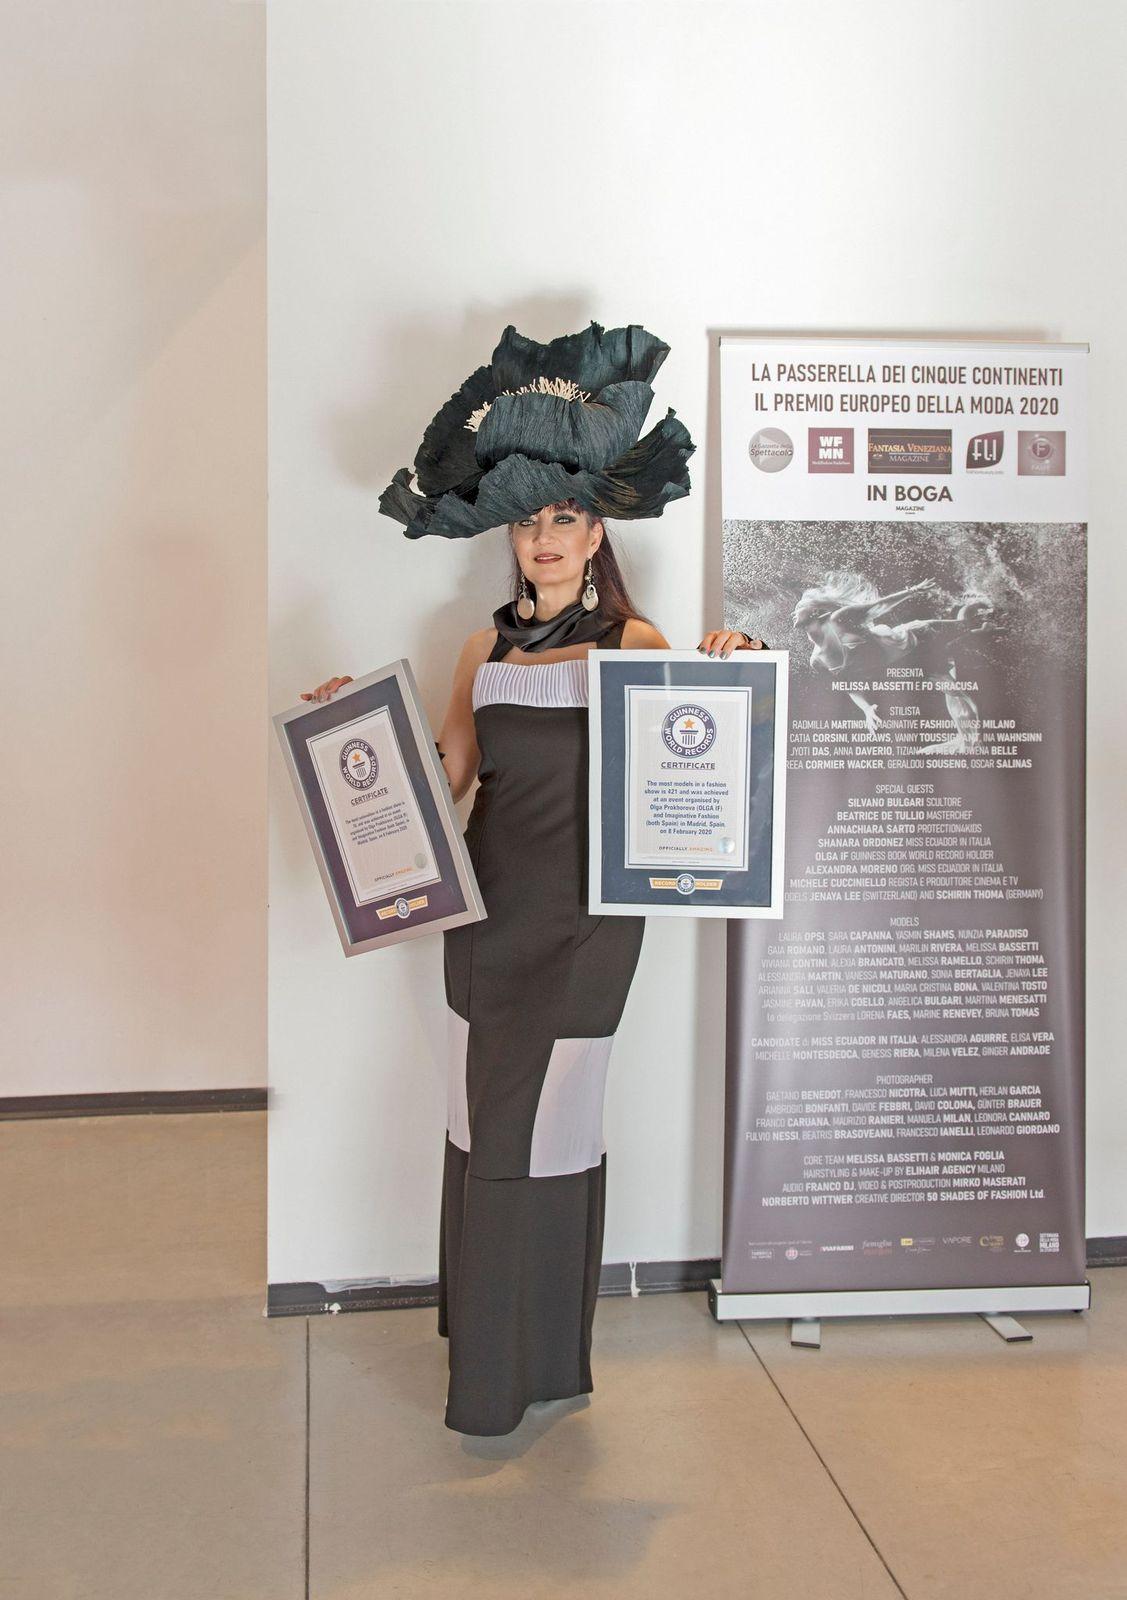 ¡La diseñadora y empresaria española Olga IF desfilara en Cannes film festival! Olga IF gana doble PREMIO EUROPEO DE LA MODA 2020 en Milán